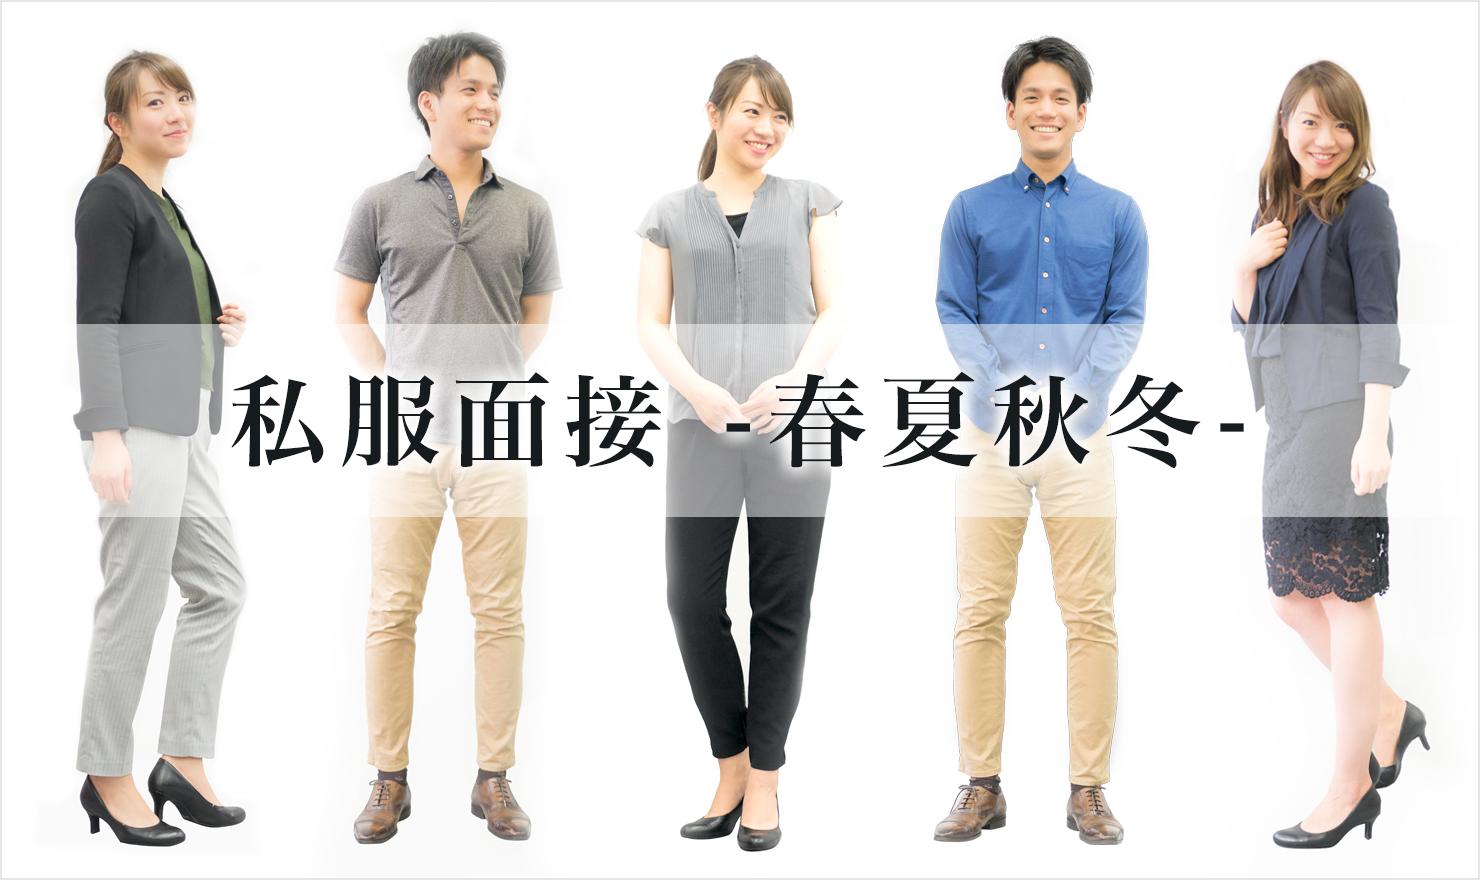 面接で私服を指定されたら何を着る?服装対策徹底ガイド | JOBSHIL